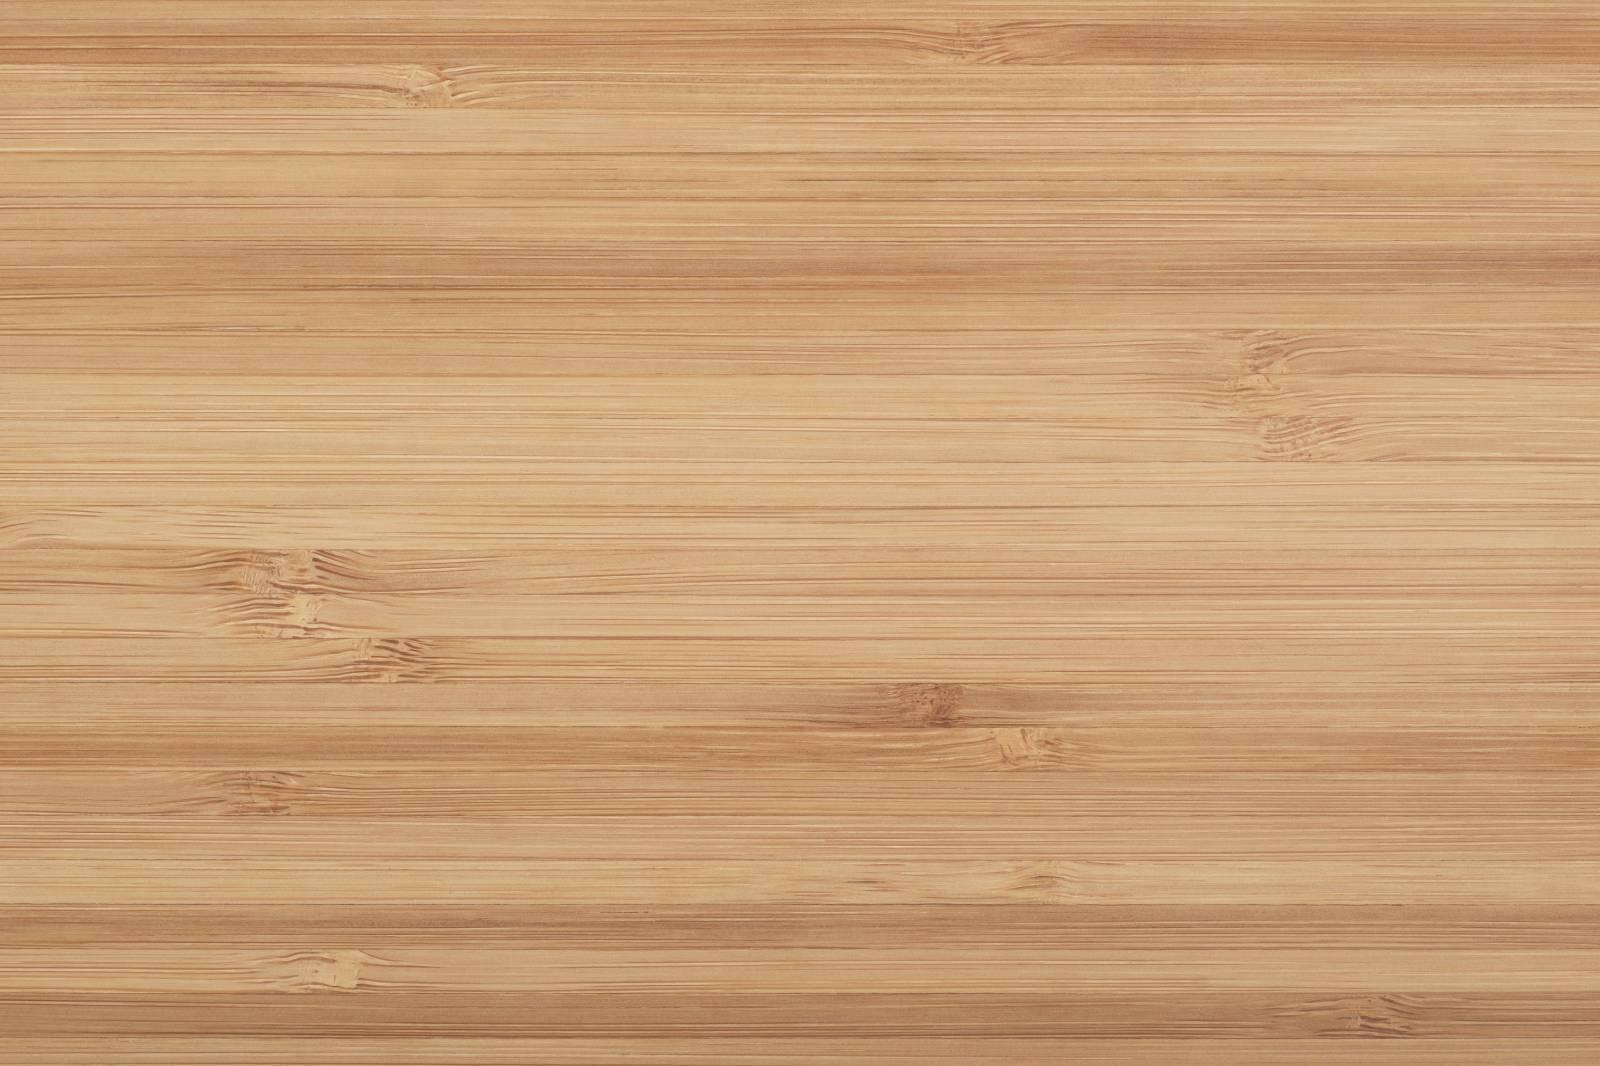 Papel de Parede Madeira Nogueira | Adesivo Vinilico imagem 1